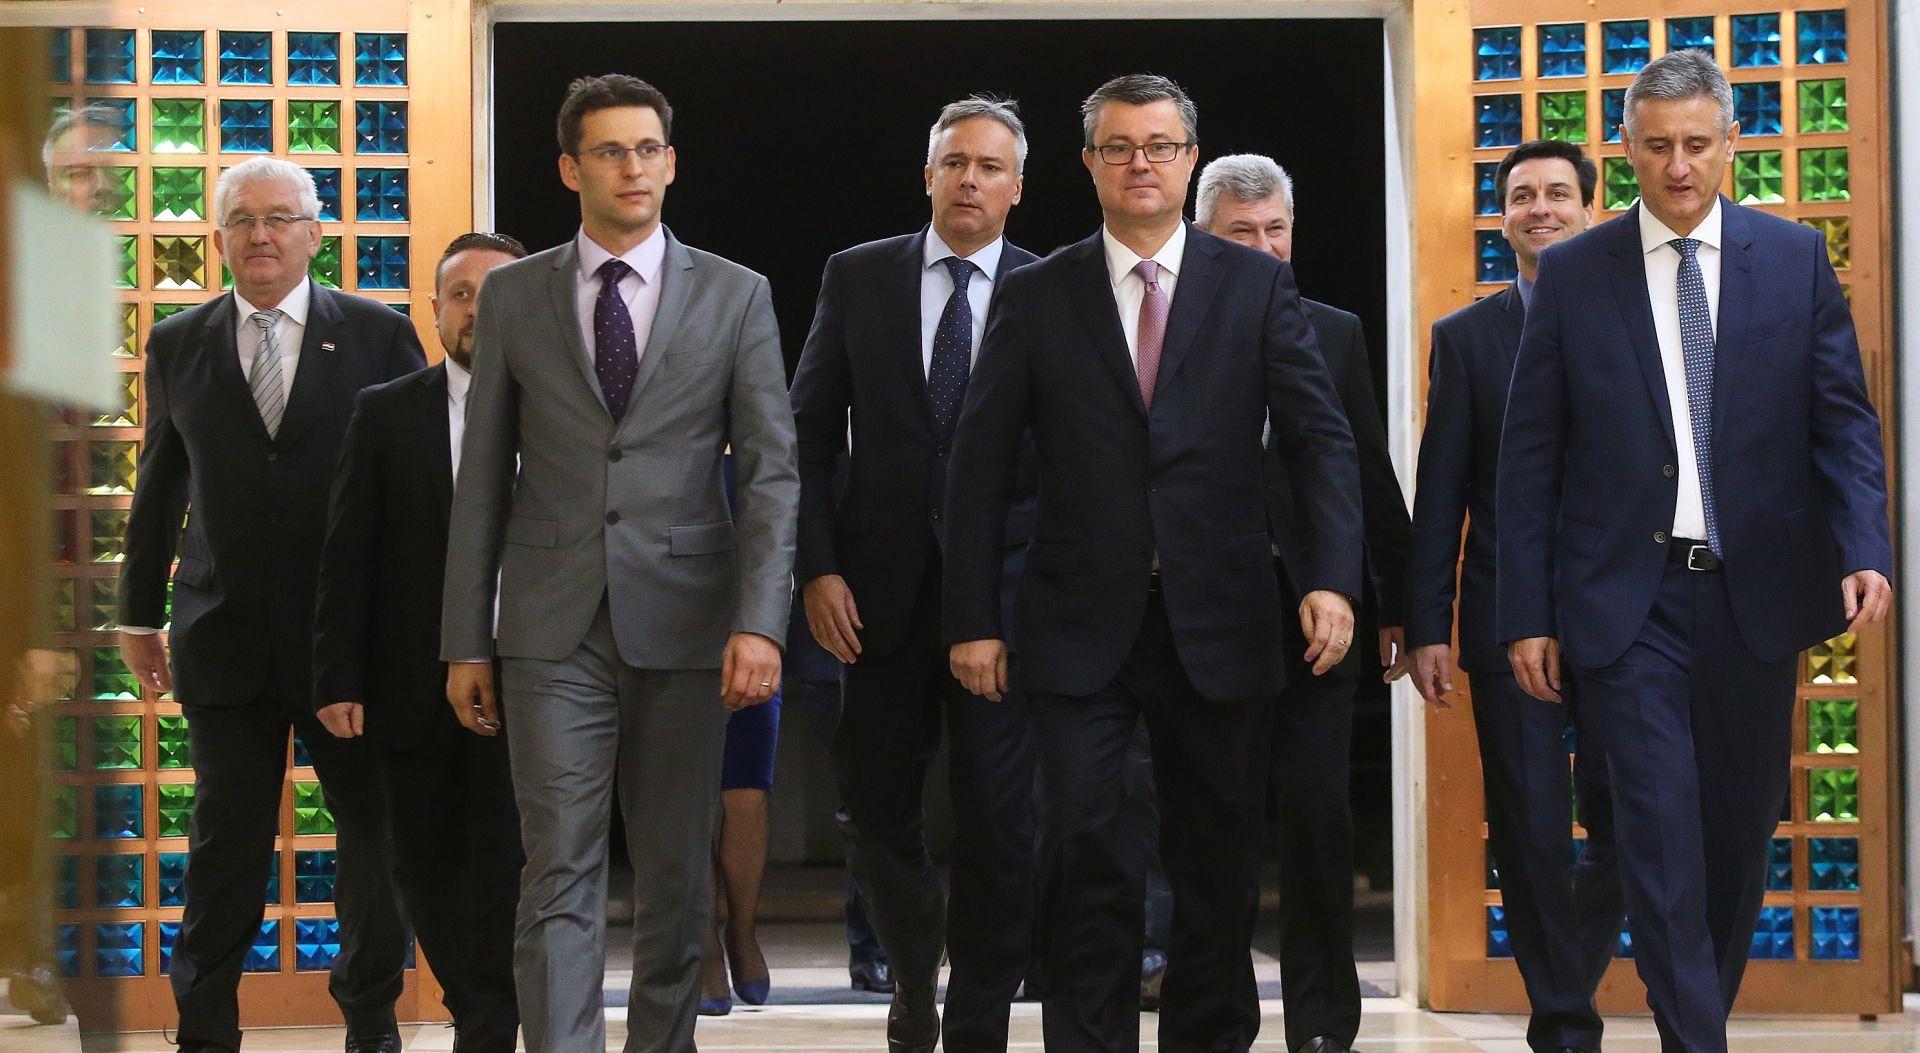 PAD VLADE Orešković: Najbolje rješenje su novi parlamentarni izbori